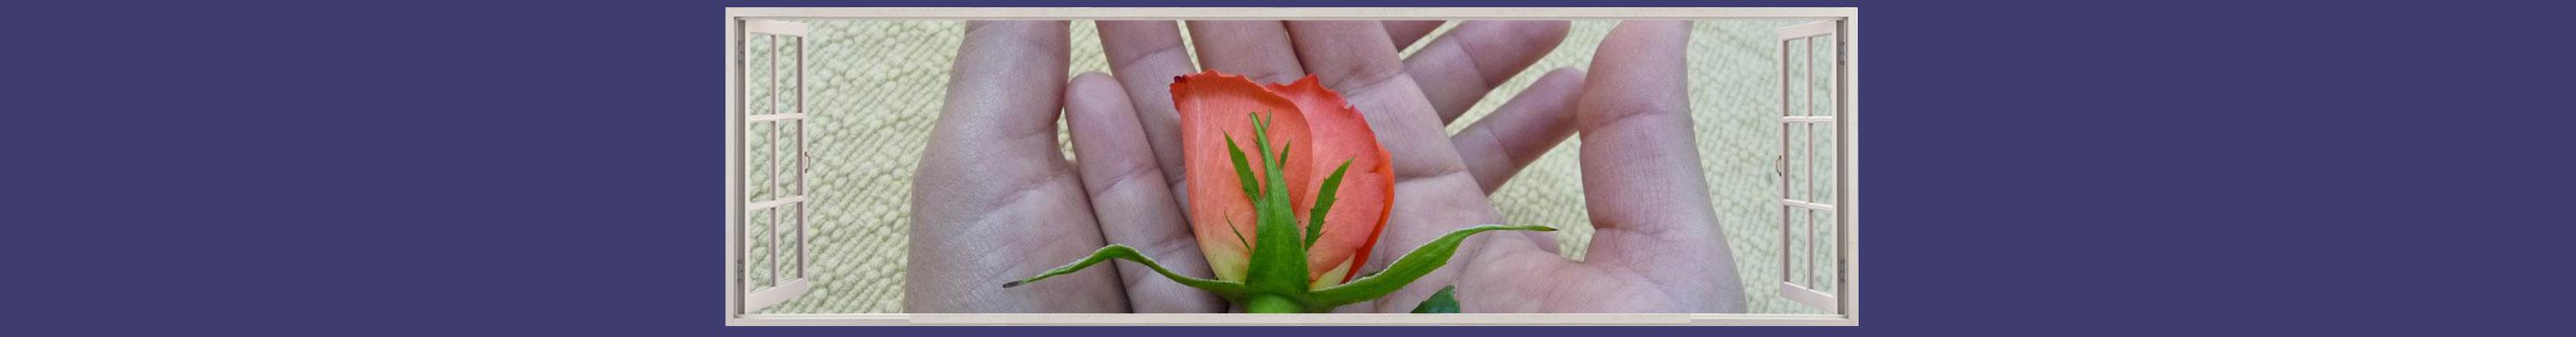 mains-fleur